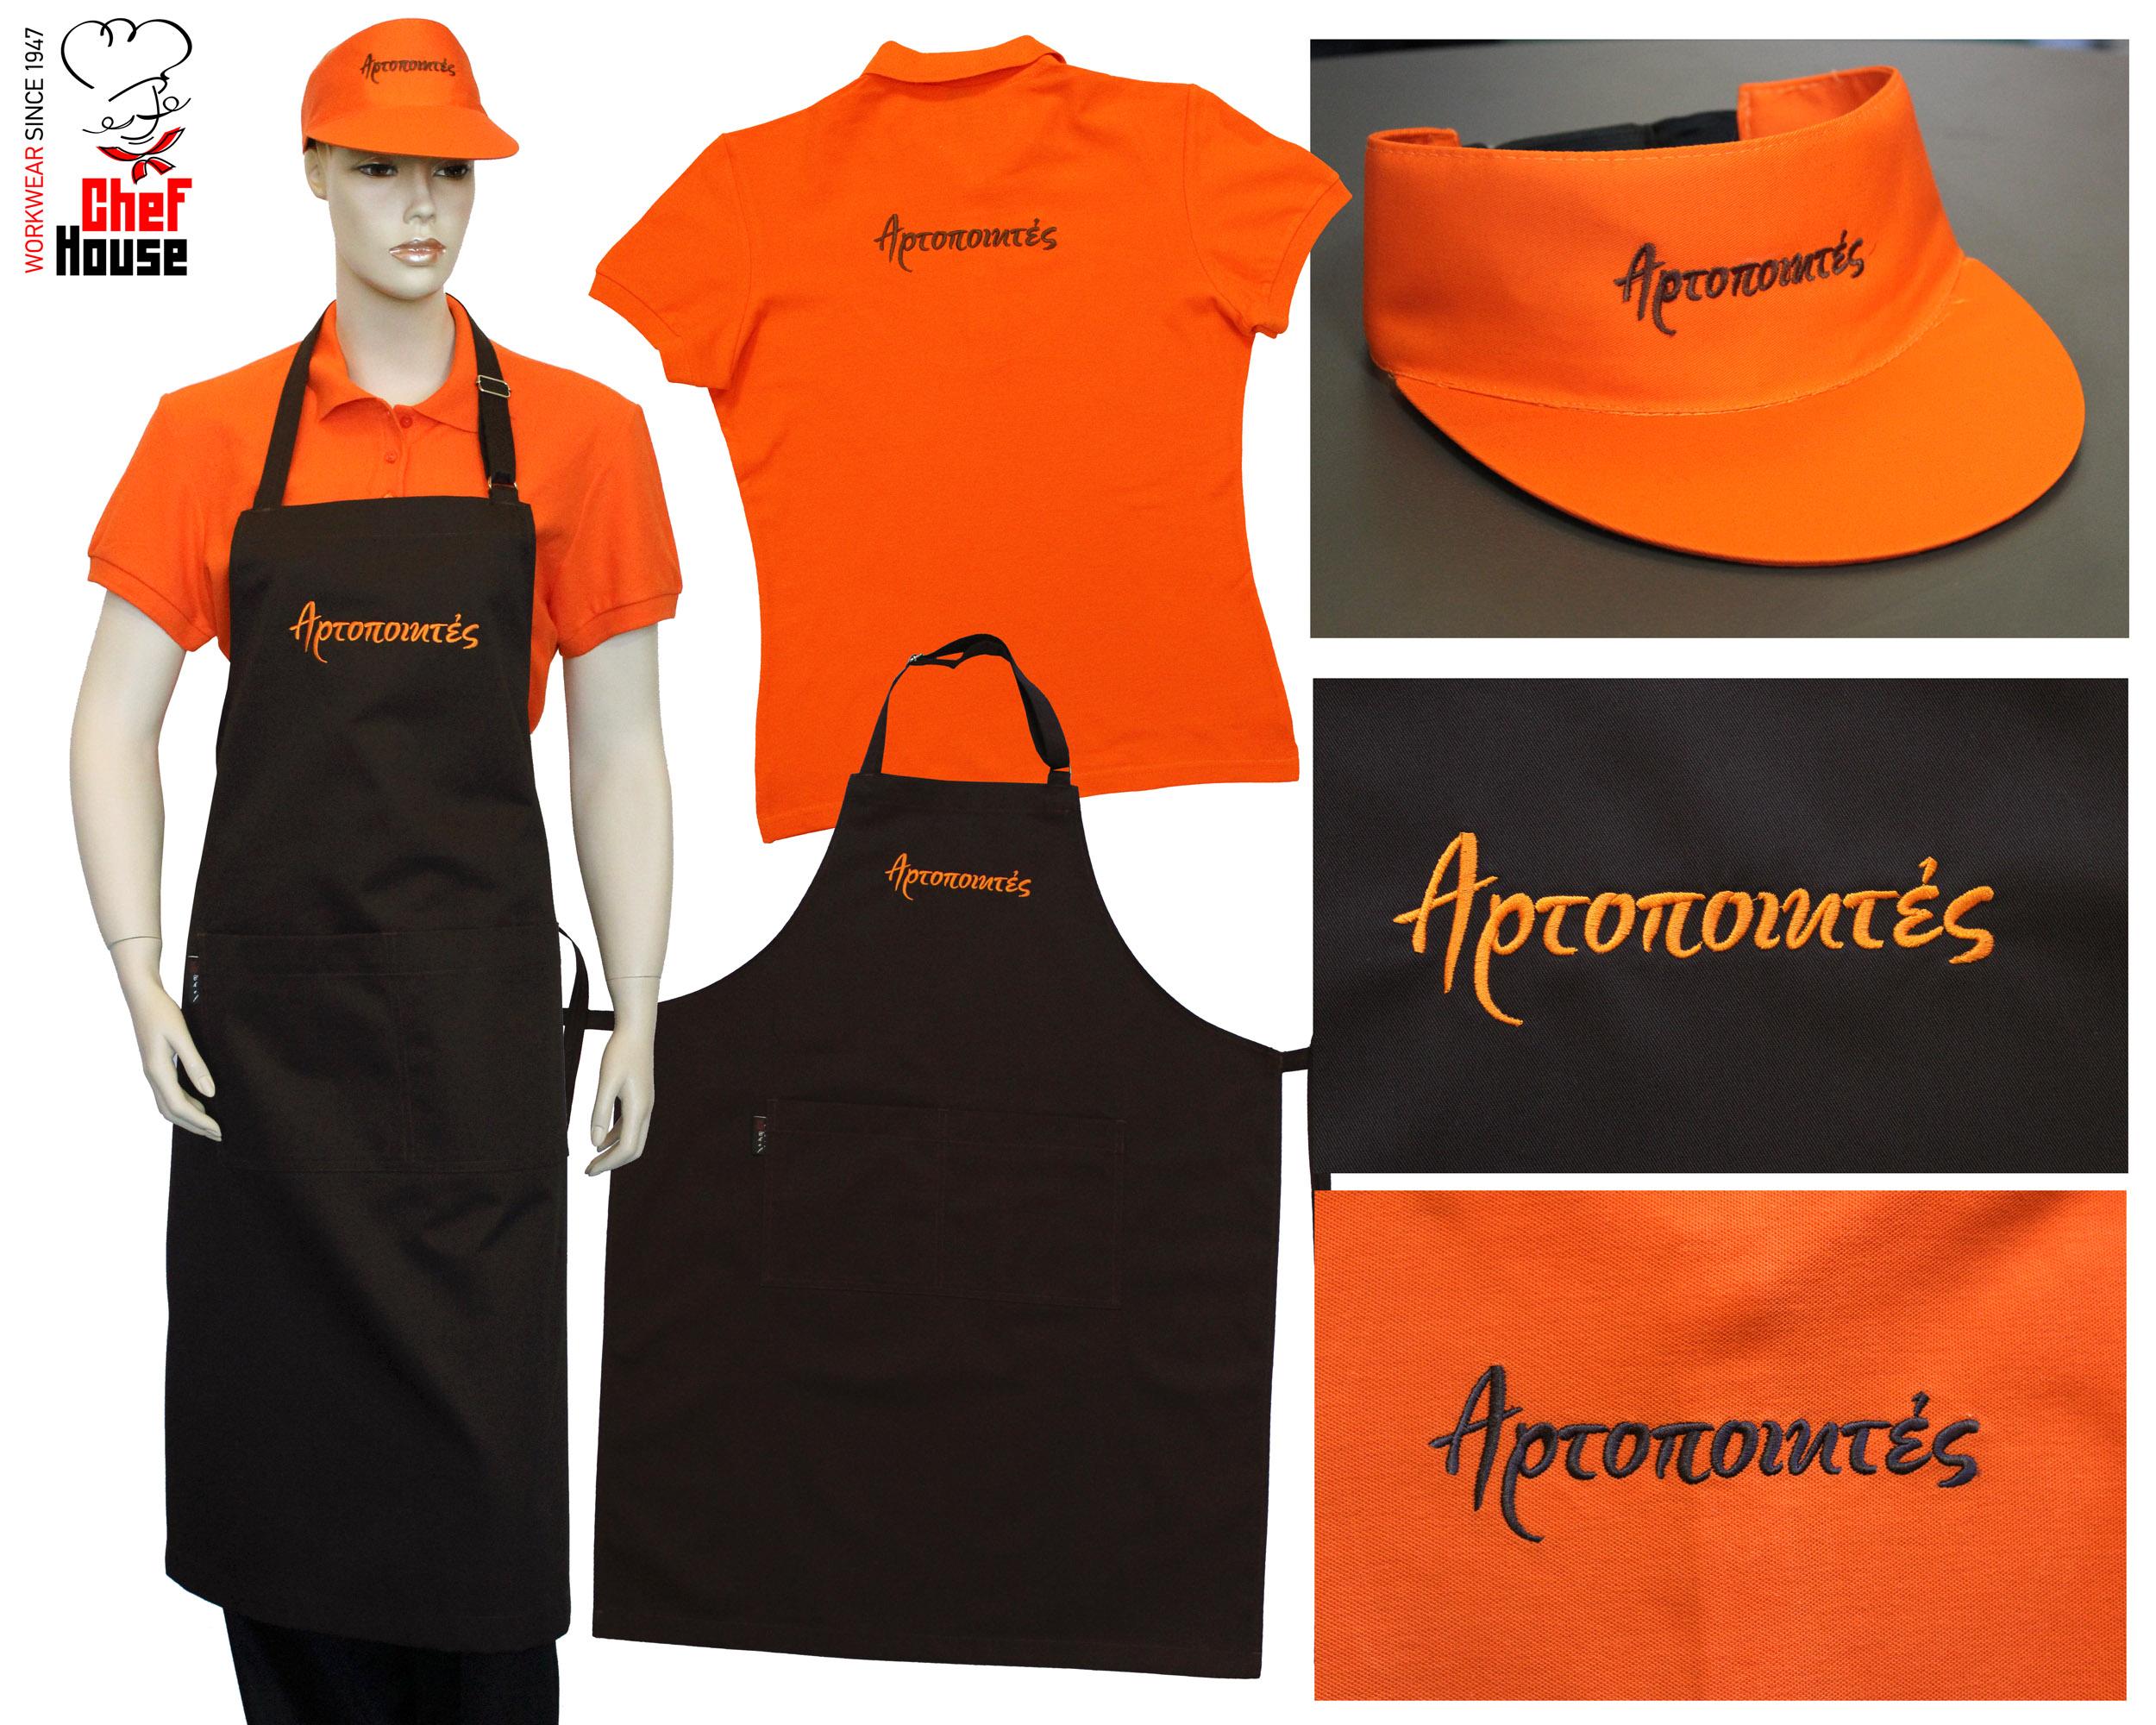 Αρτοποιητές Ρουχα εργασίας αρτοποιείου  126e018c6a0